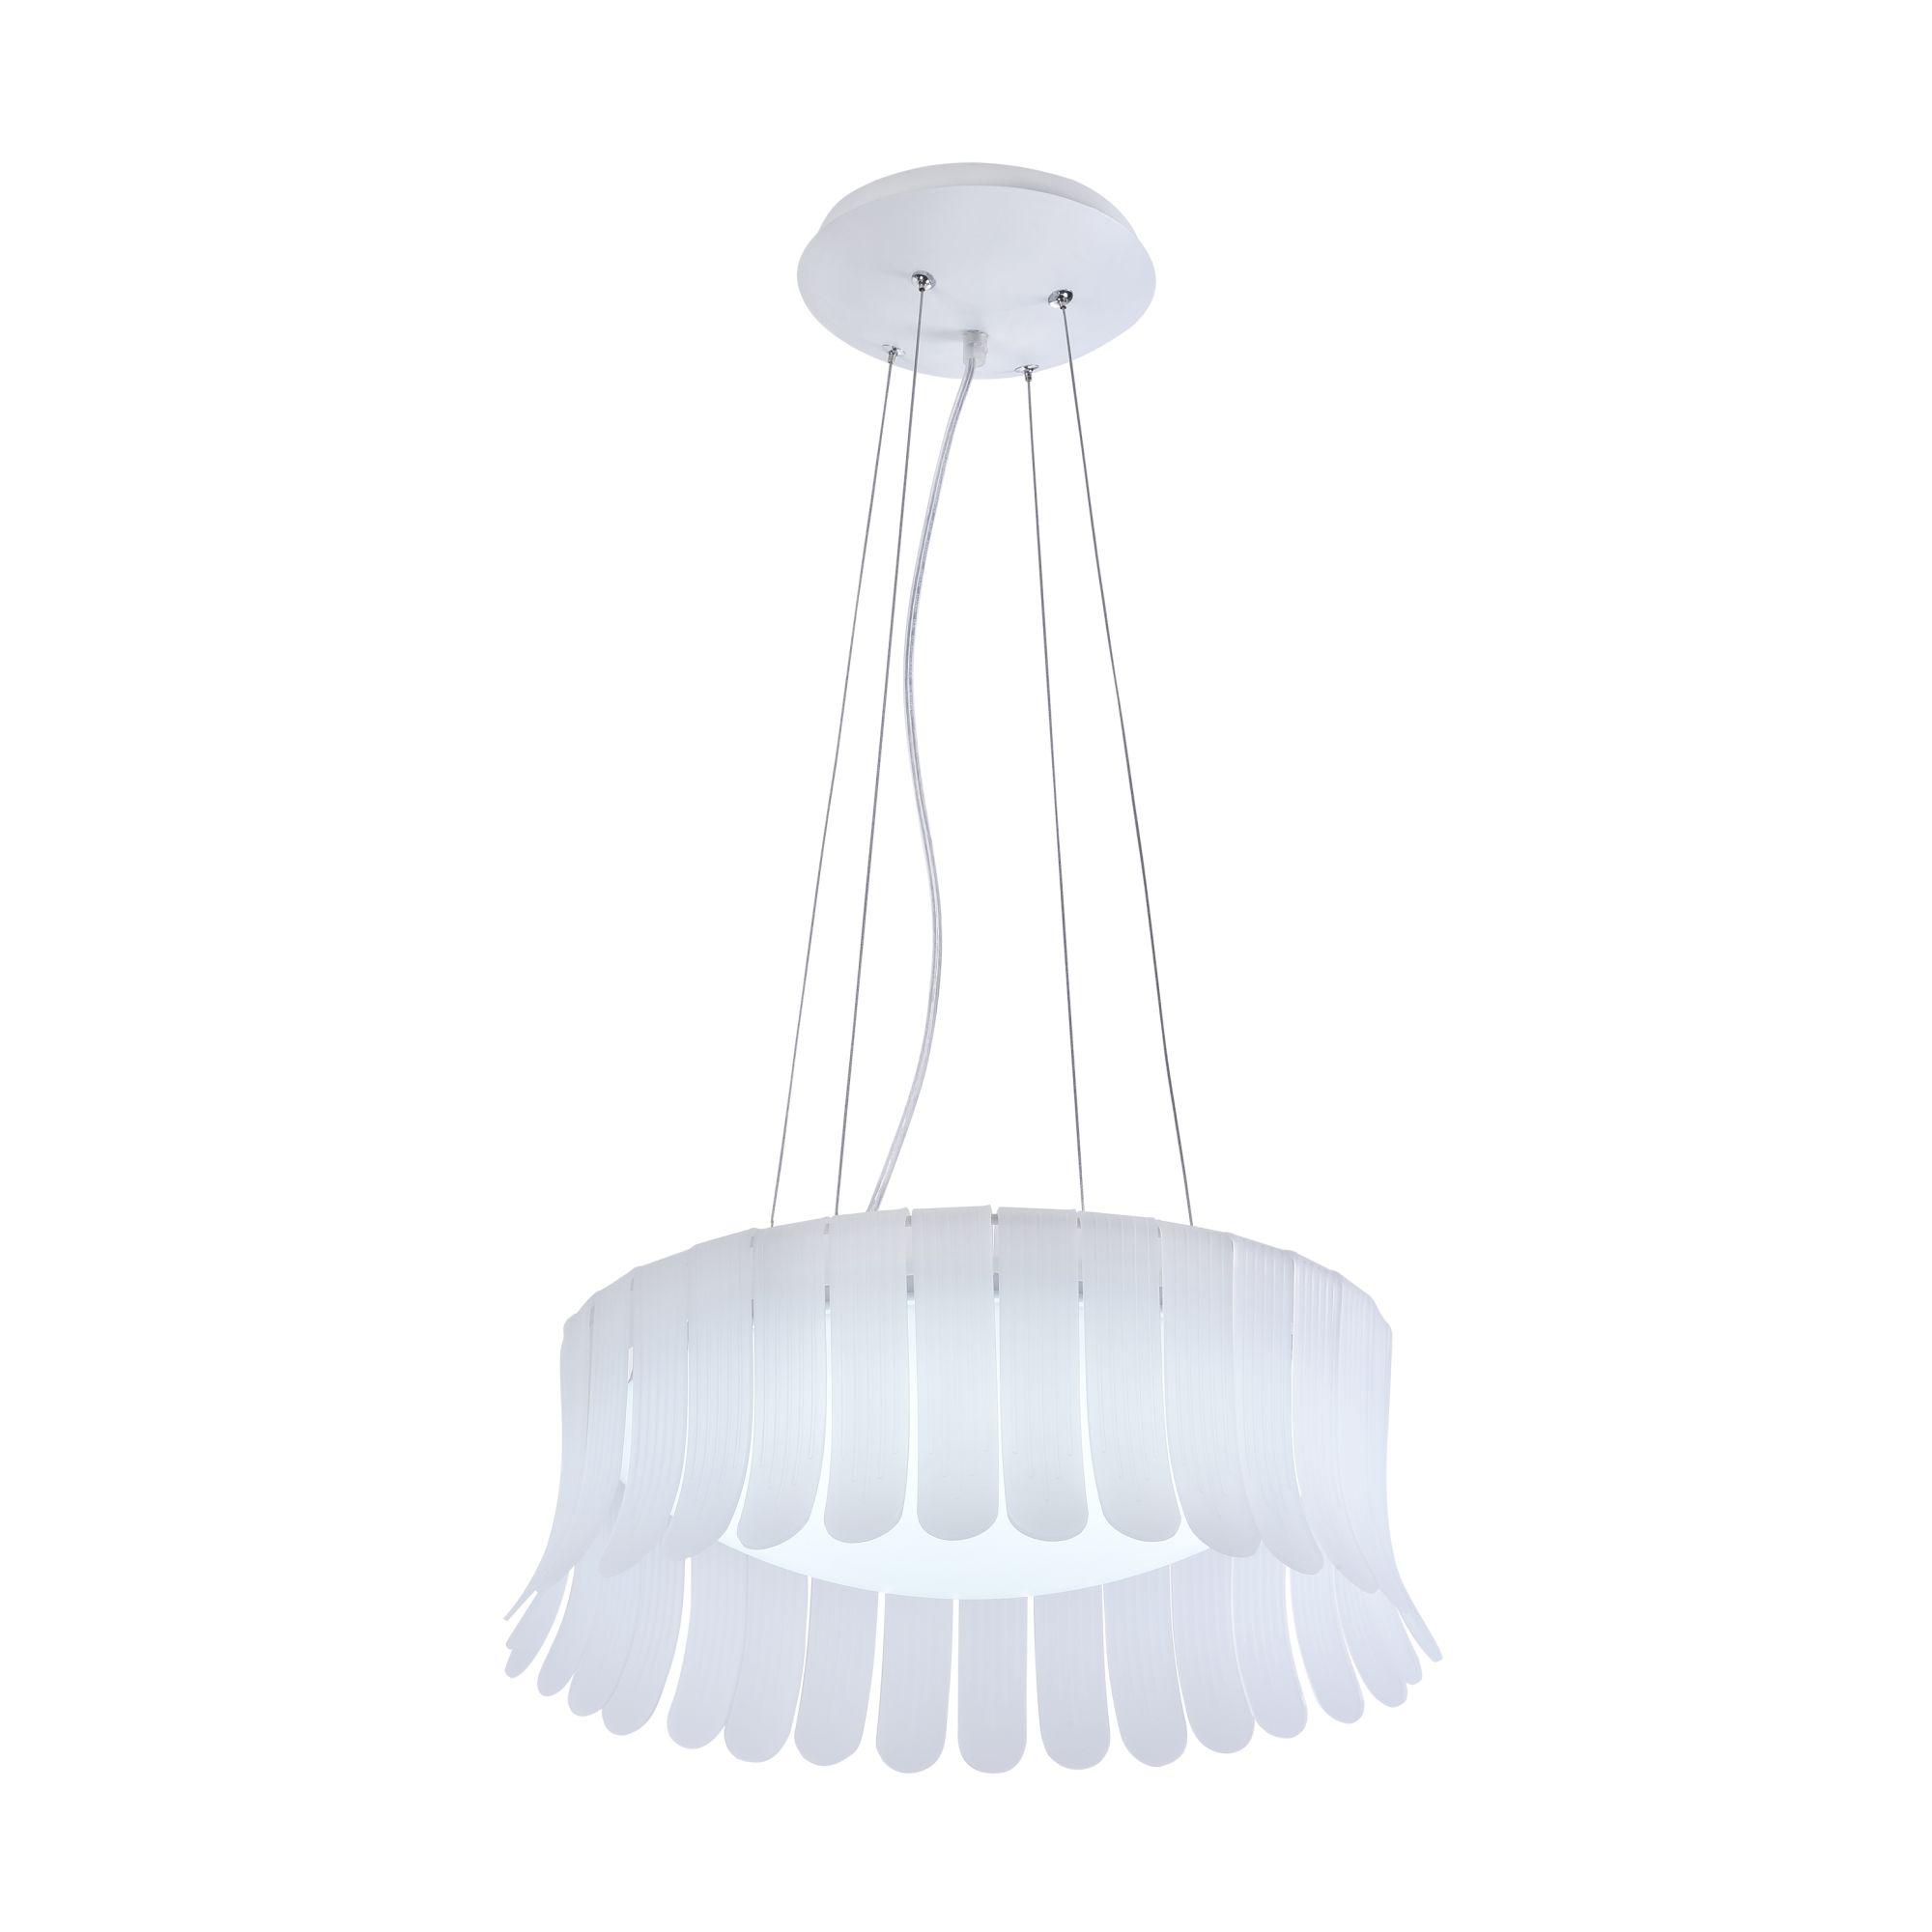 Фото Подвесной светильник Maytoni Degas MOD341-PL-01-24W-W